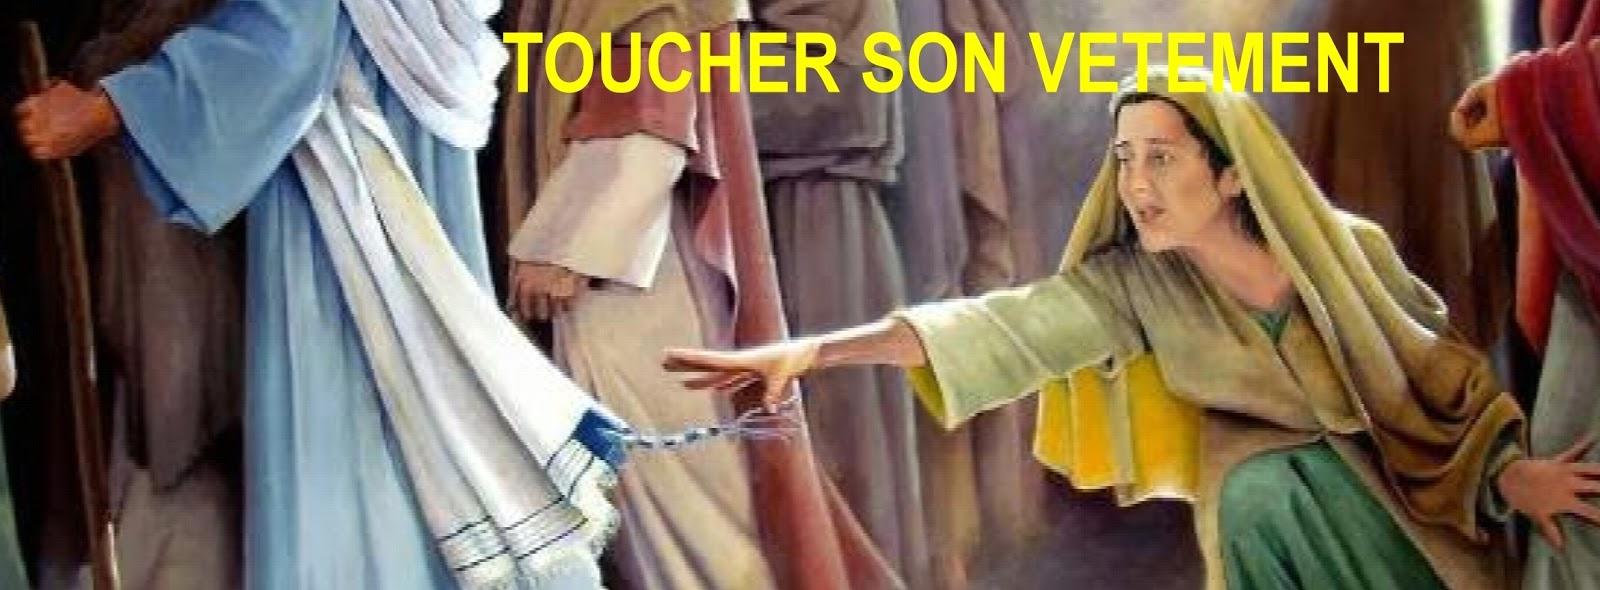 Eglise Evangélique Nice l'Ariane: TOUCHER SON VÊTEMENT 1/2